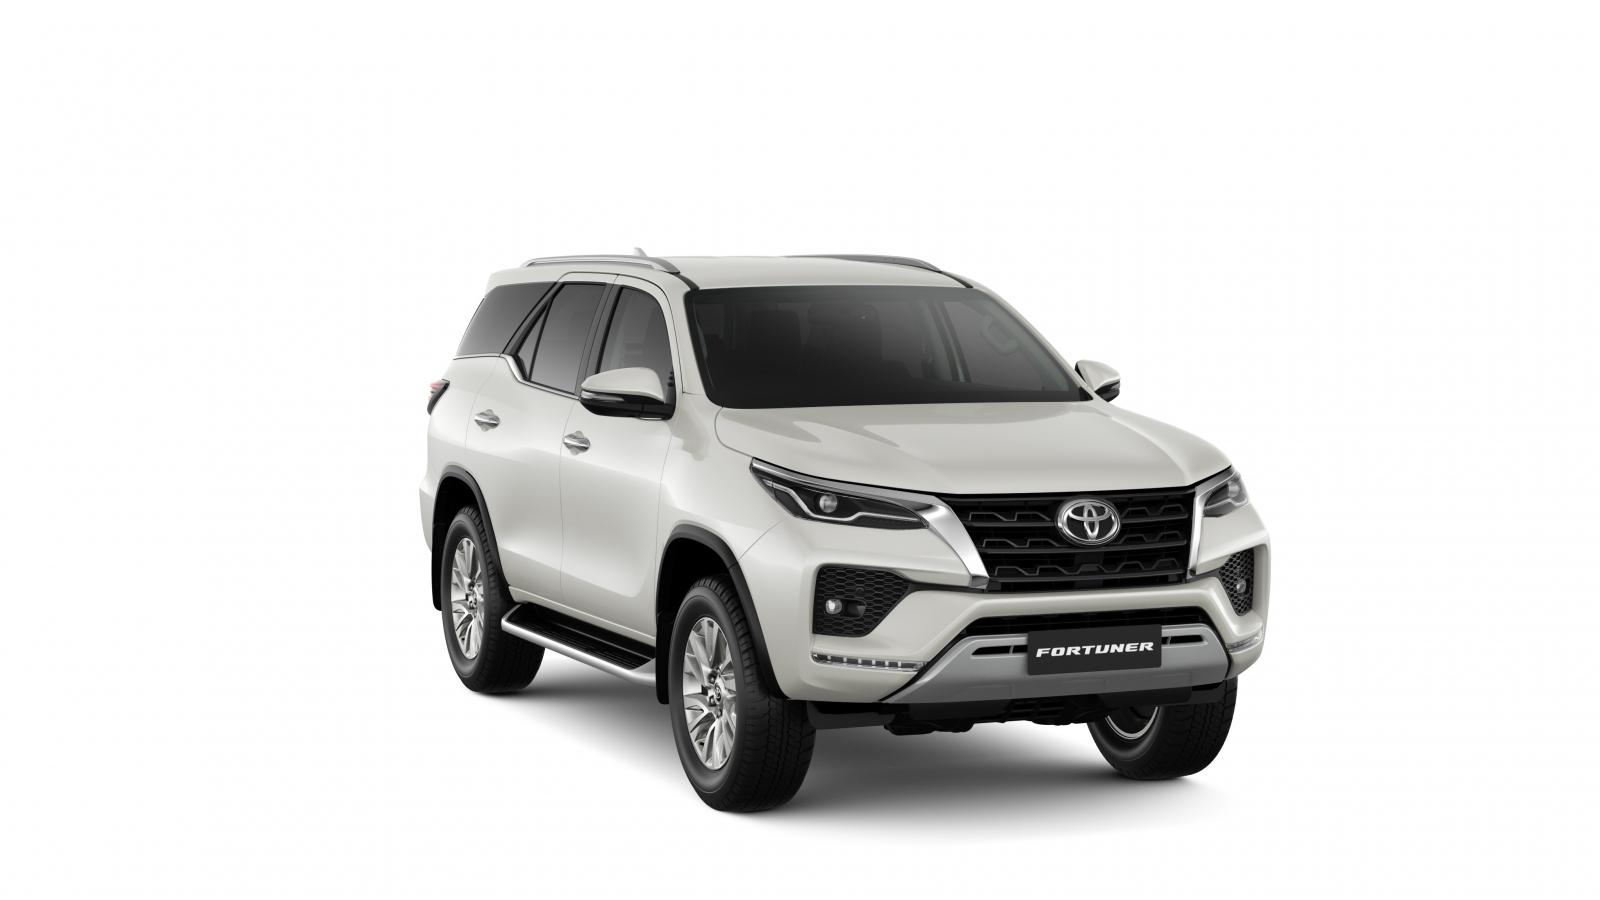 Toyota Fortuner 2021 thay đổi những gì?